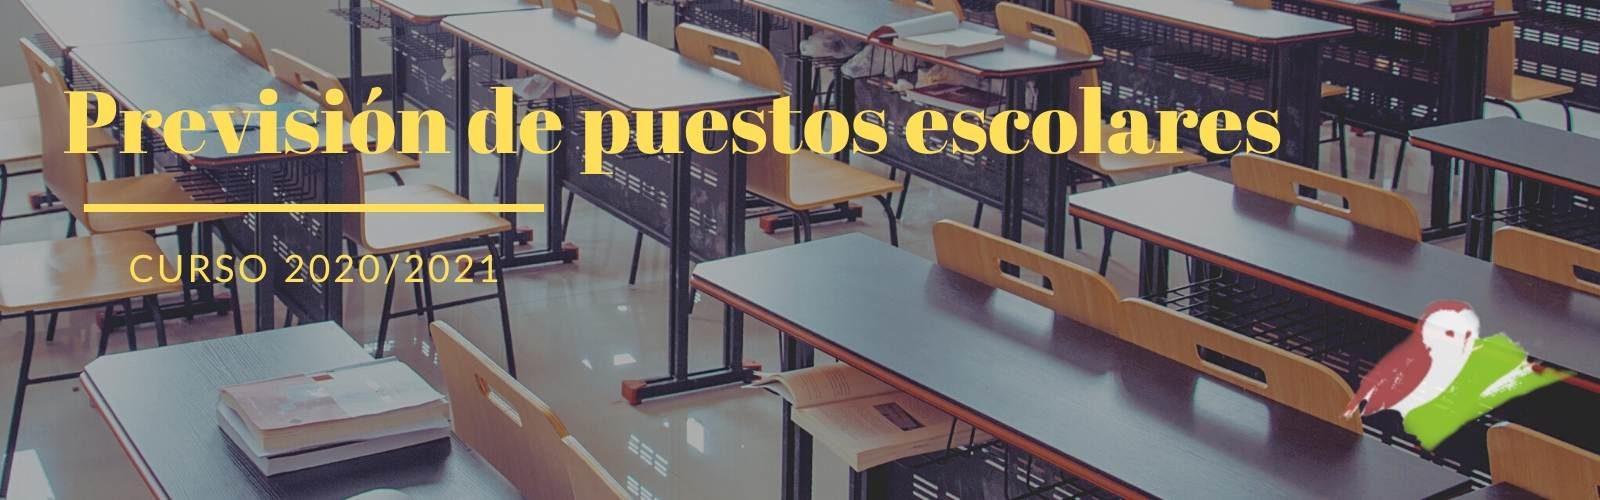 Previsión de puestos escolares curso 2020/2021